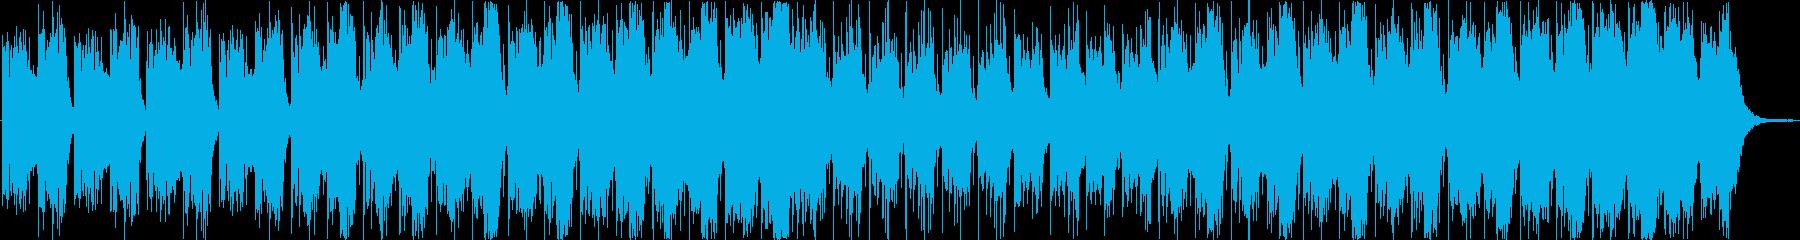 ロボット宇宙のようなシンセサイザーEDMの再生済みの波形